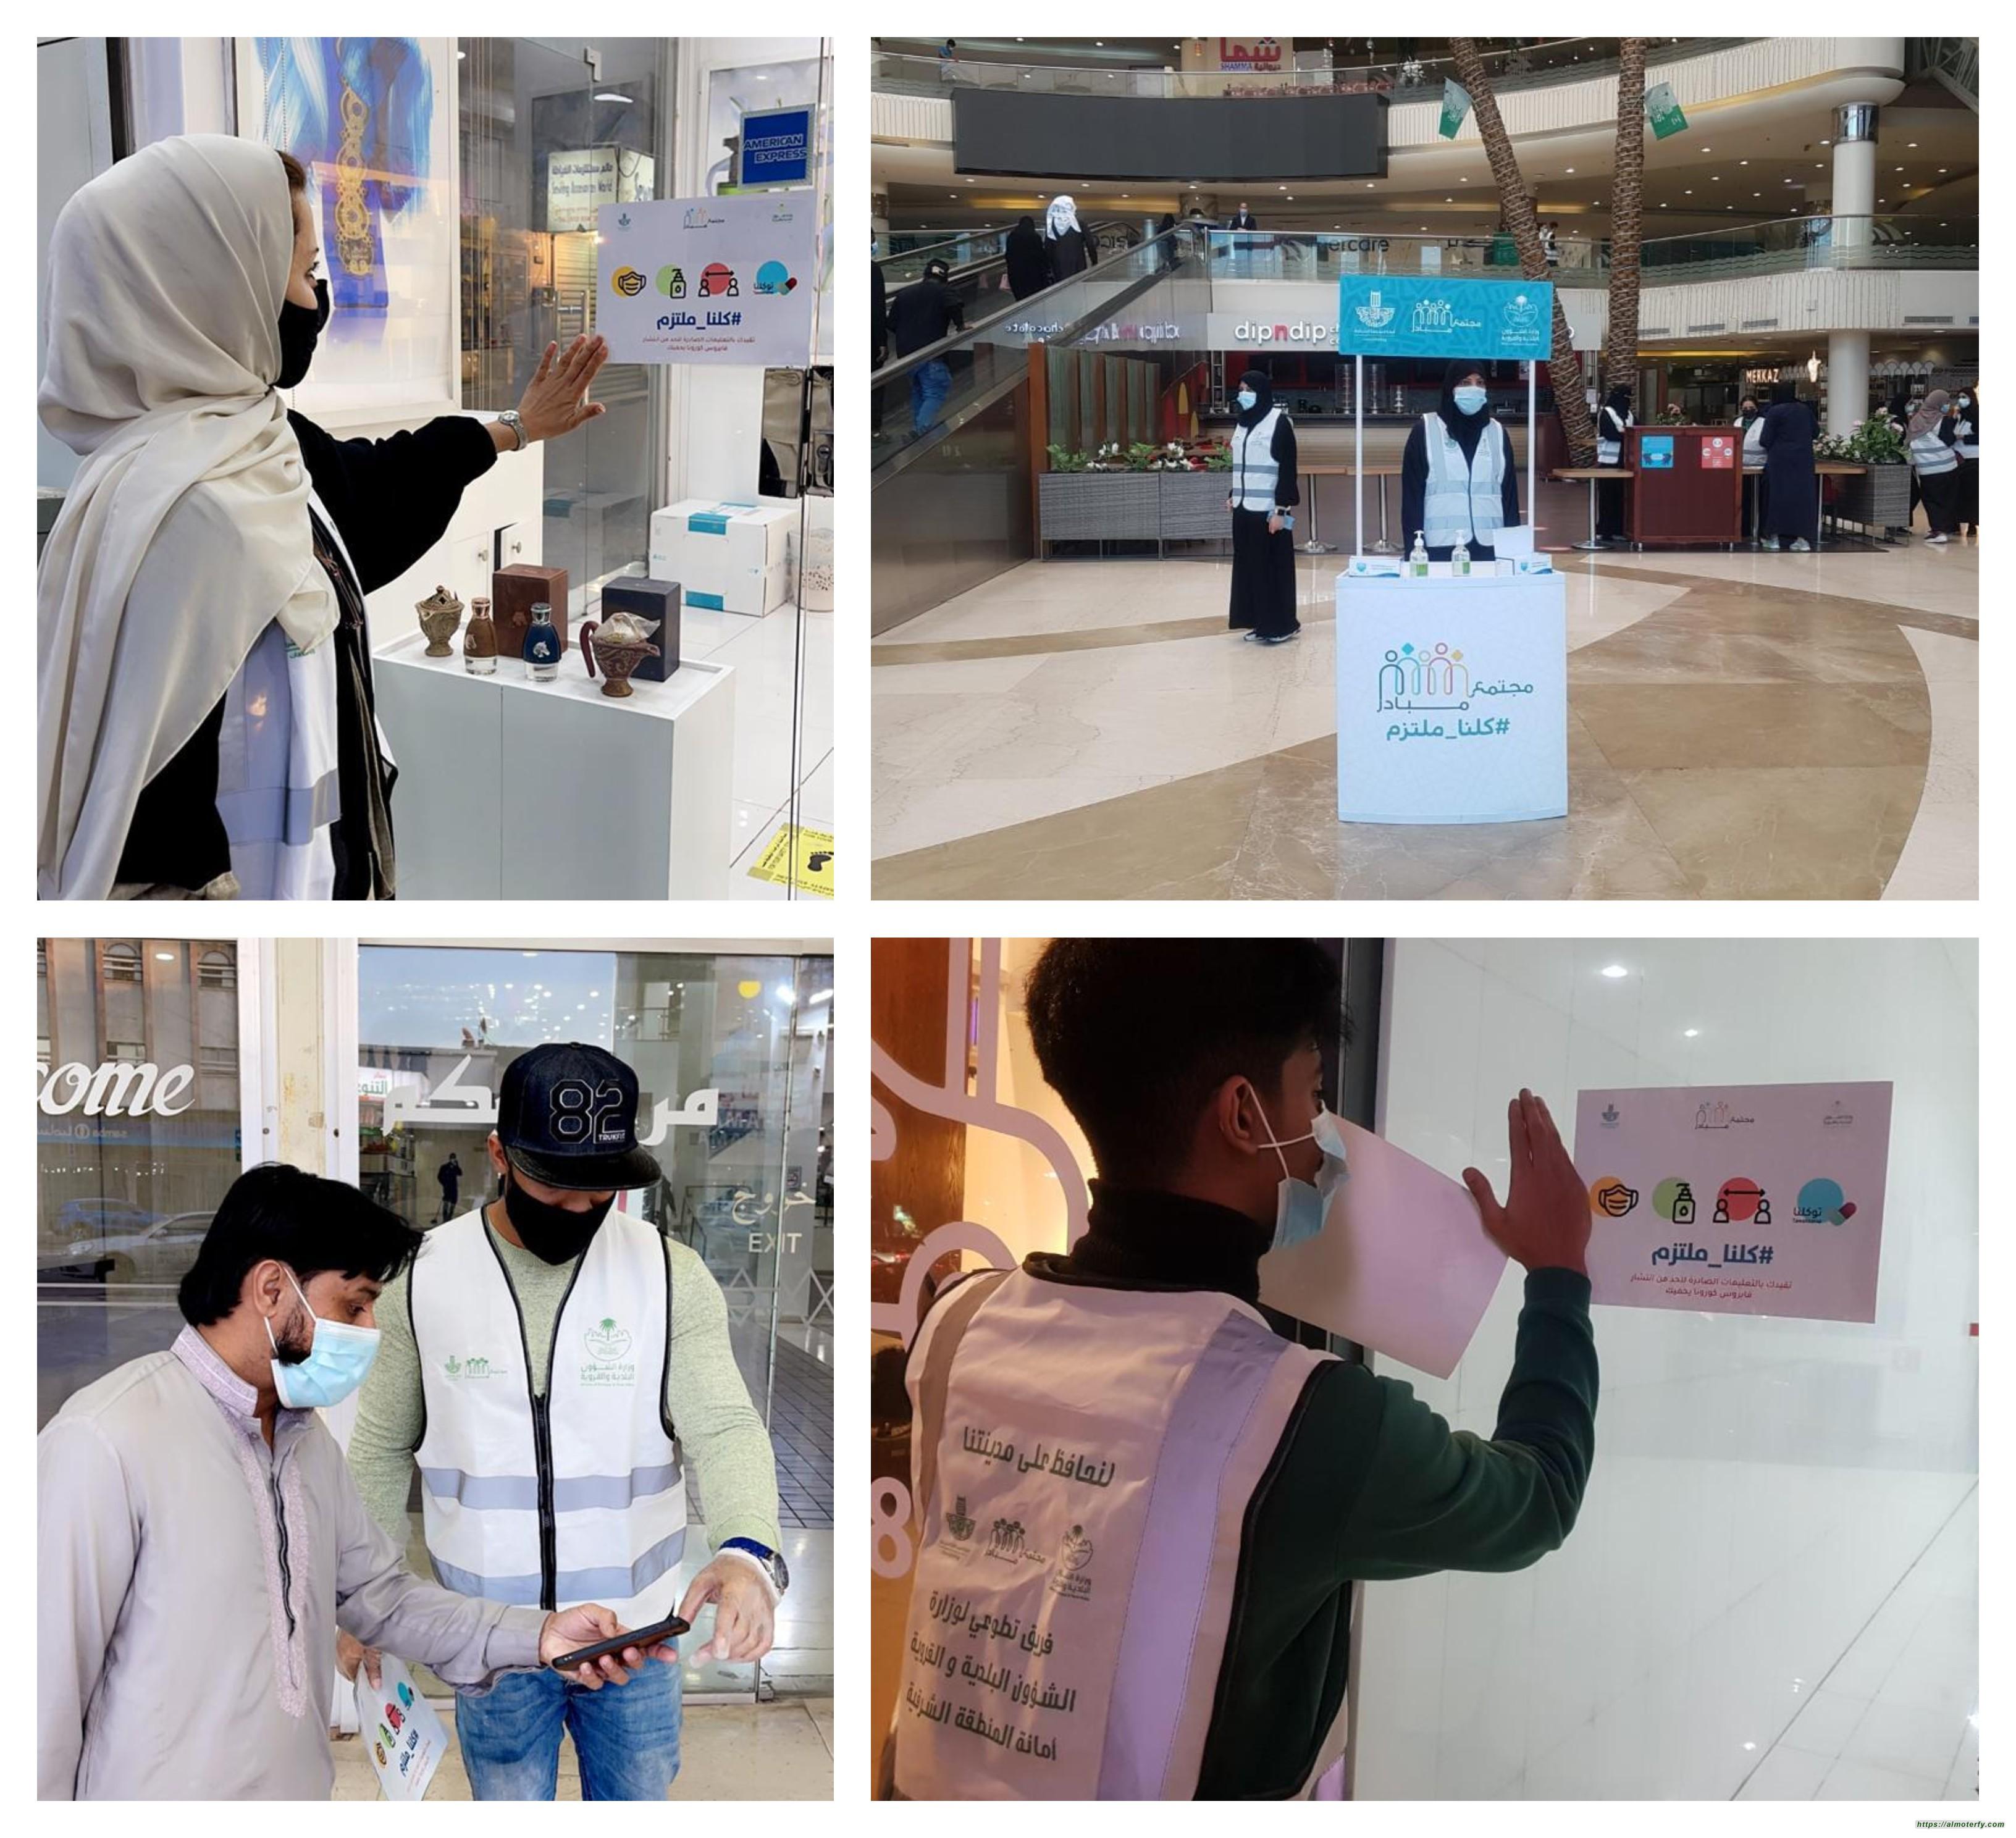 """دعما لتطبيق الاجراءات الاحترازية للحد من انتشار فيروس كورونا  أمانة الشرقية: ٤٢ جولة ميدانية ينفذها أكثر من 100 متطوع ومتطوعة بمشاركة المراقبين ضمن مبادرة """"كلنا ملتزم """""""